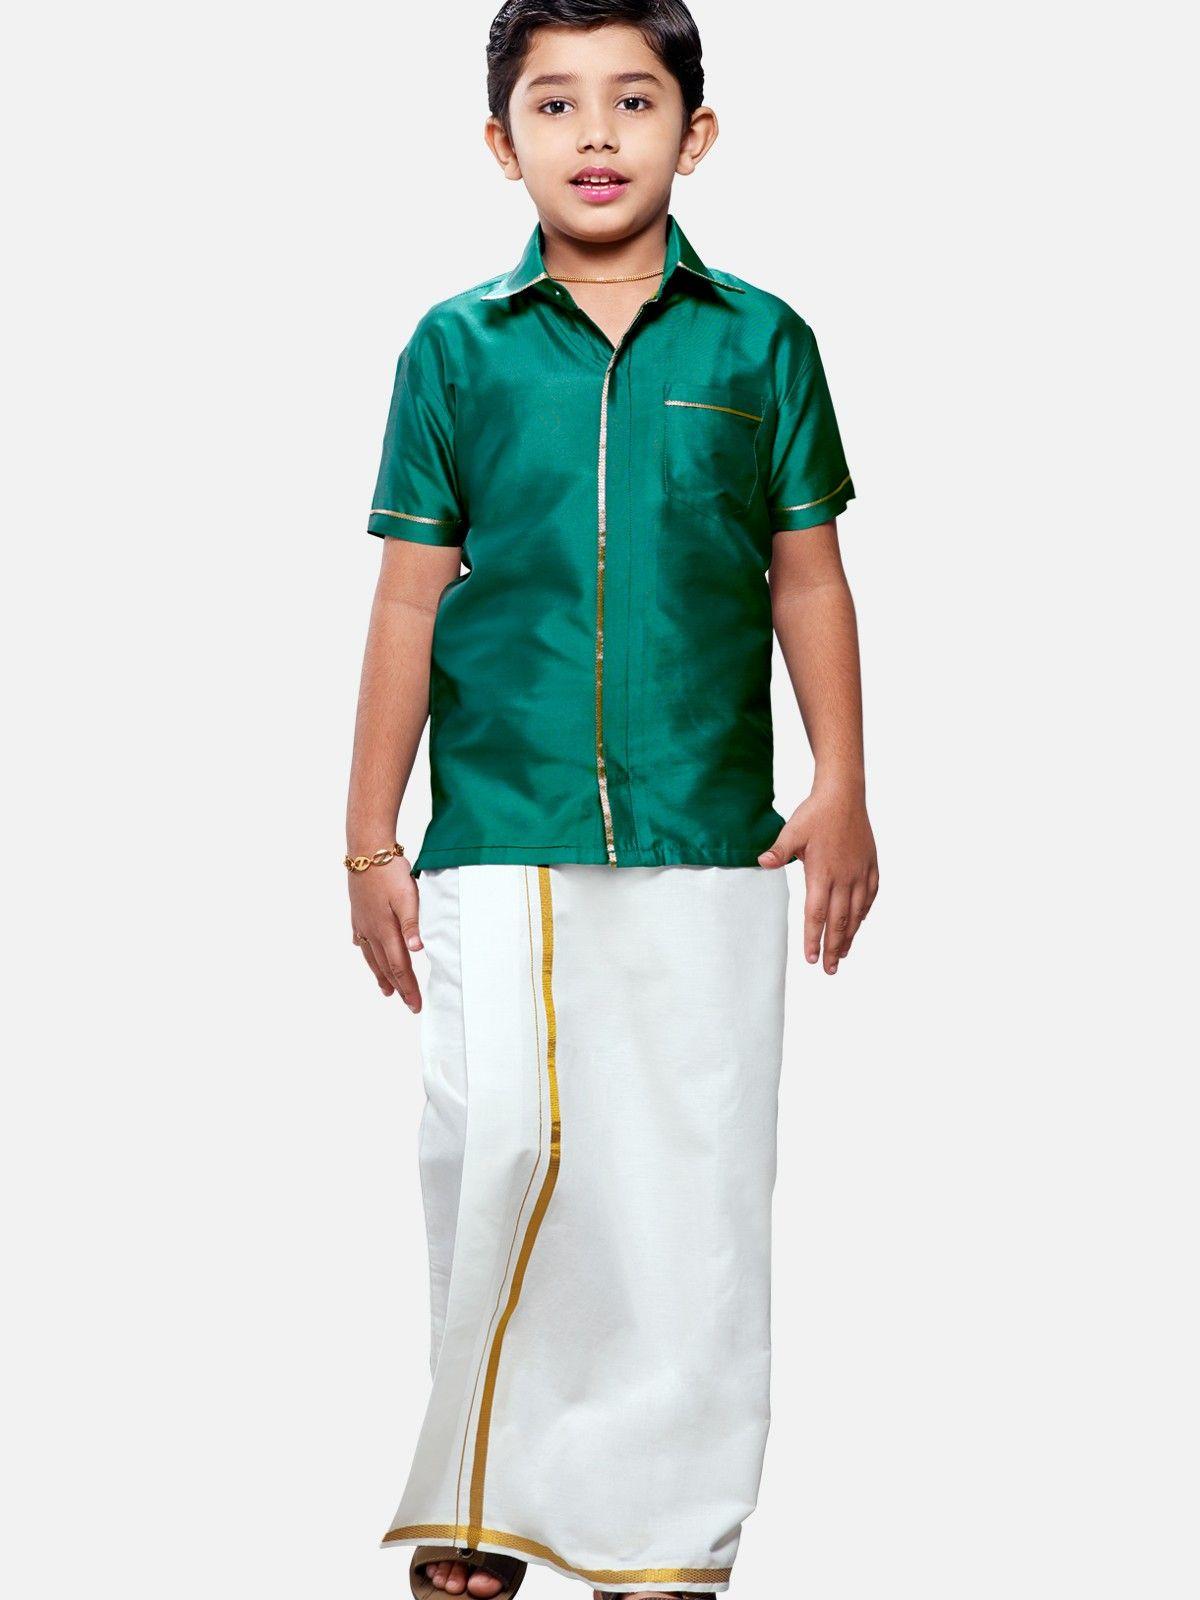 Pin By Ramraj Cotton On Ramraj Cotton Banglore Showroom S